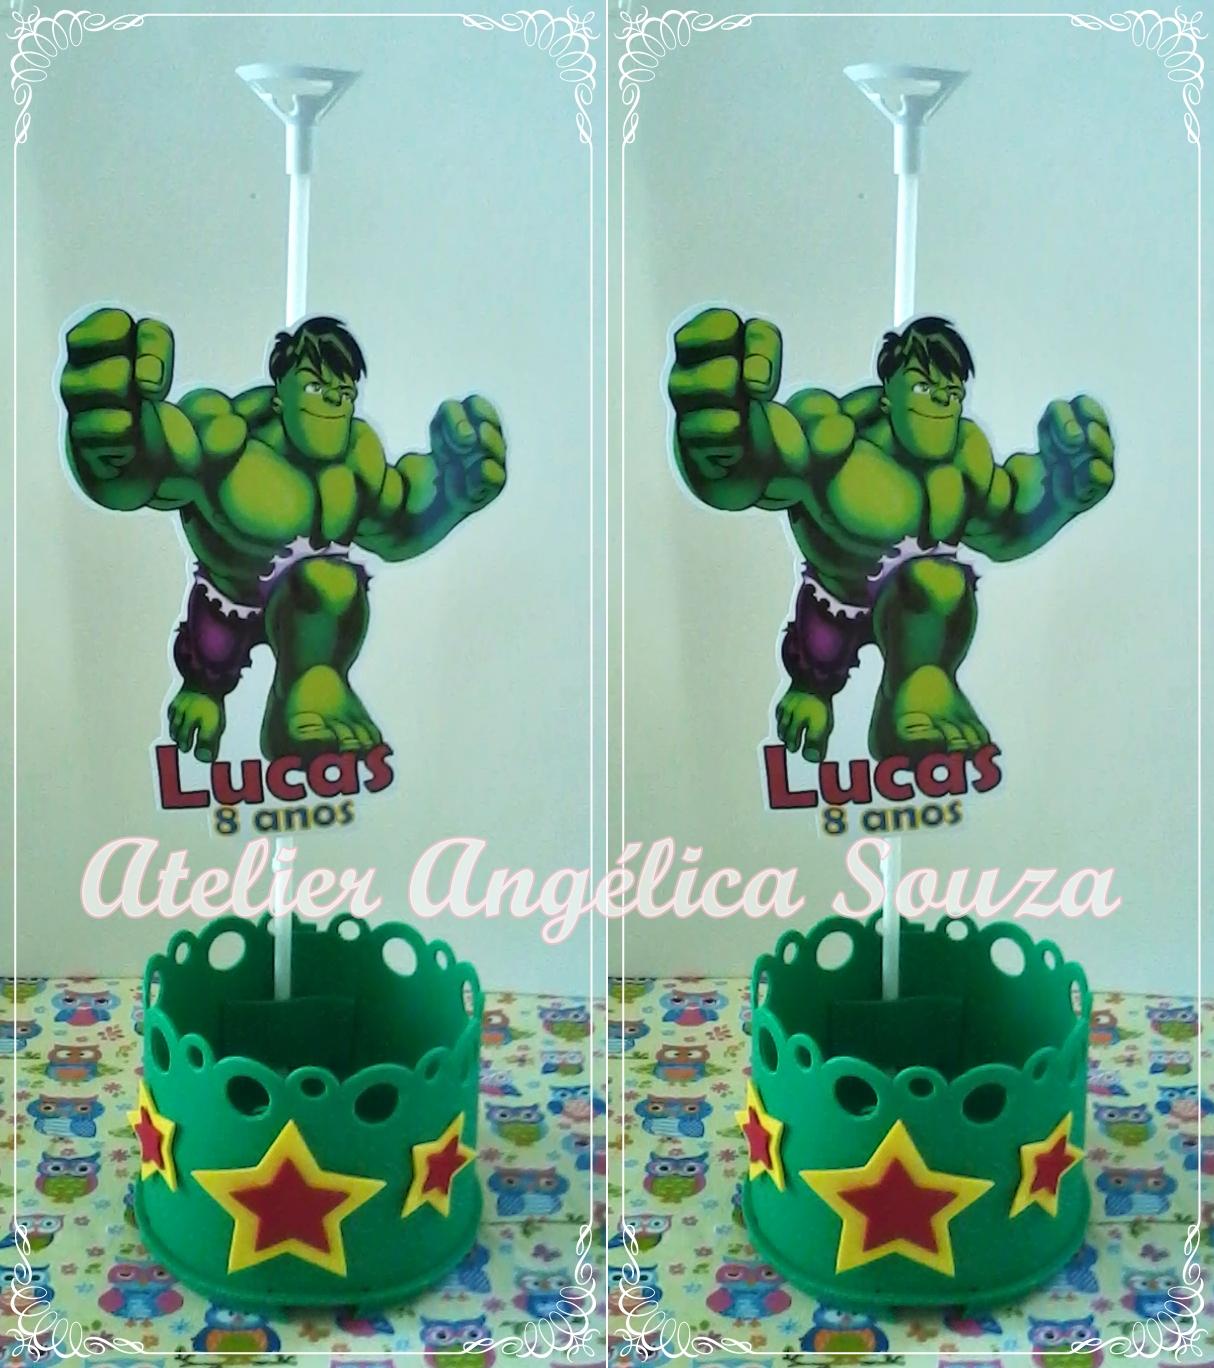 23326ebd4 Vingadores - Coleção de Atelier Angélica Souza (@angelicasouza) | Elo7